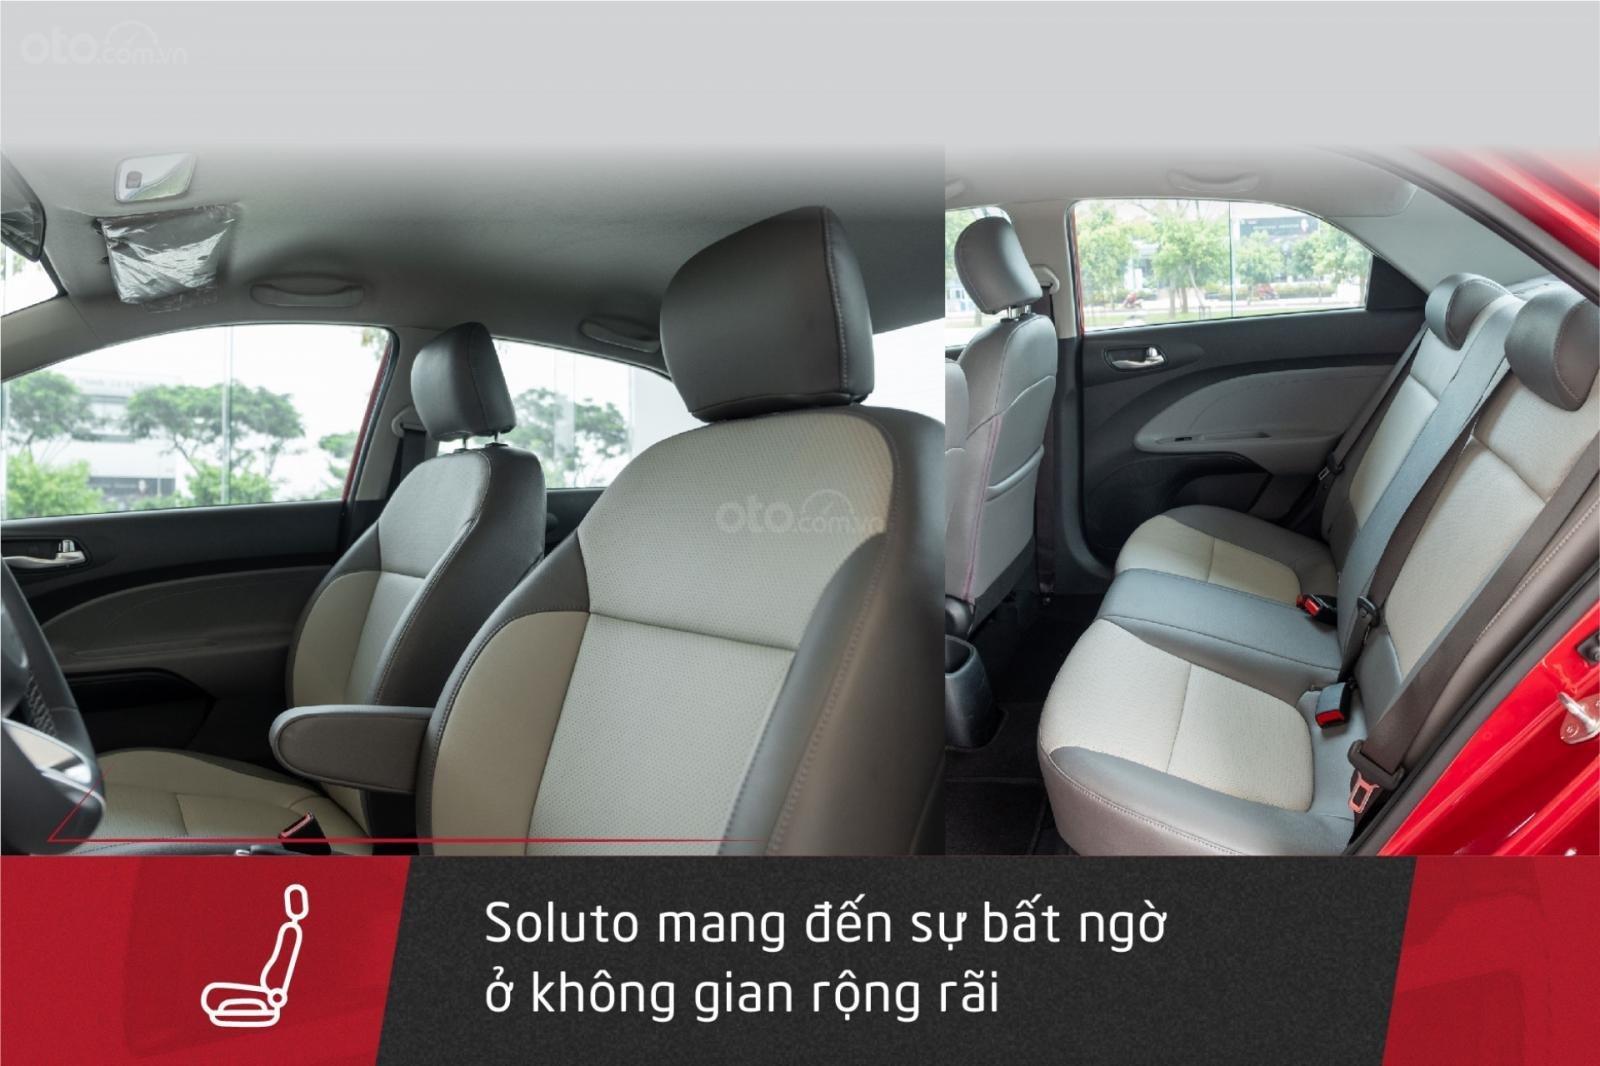 Kia Soluto 1.4MT - Mẫu sedan hạng B tối ưu nhất, kinh tế nhất cho khách hàng kinh doanh vận tải (4)